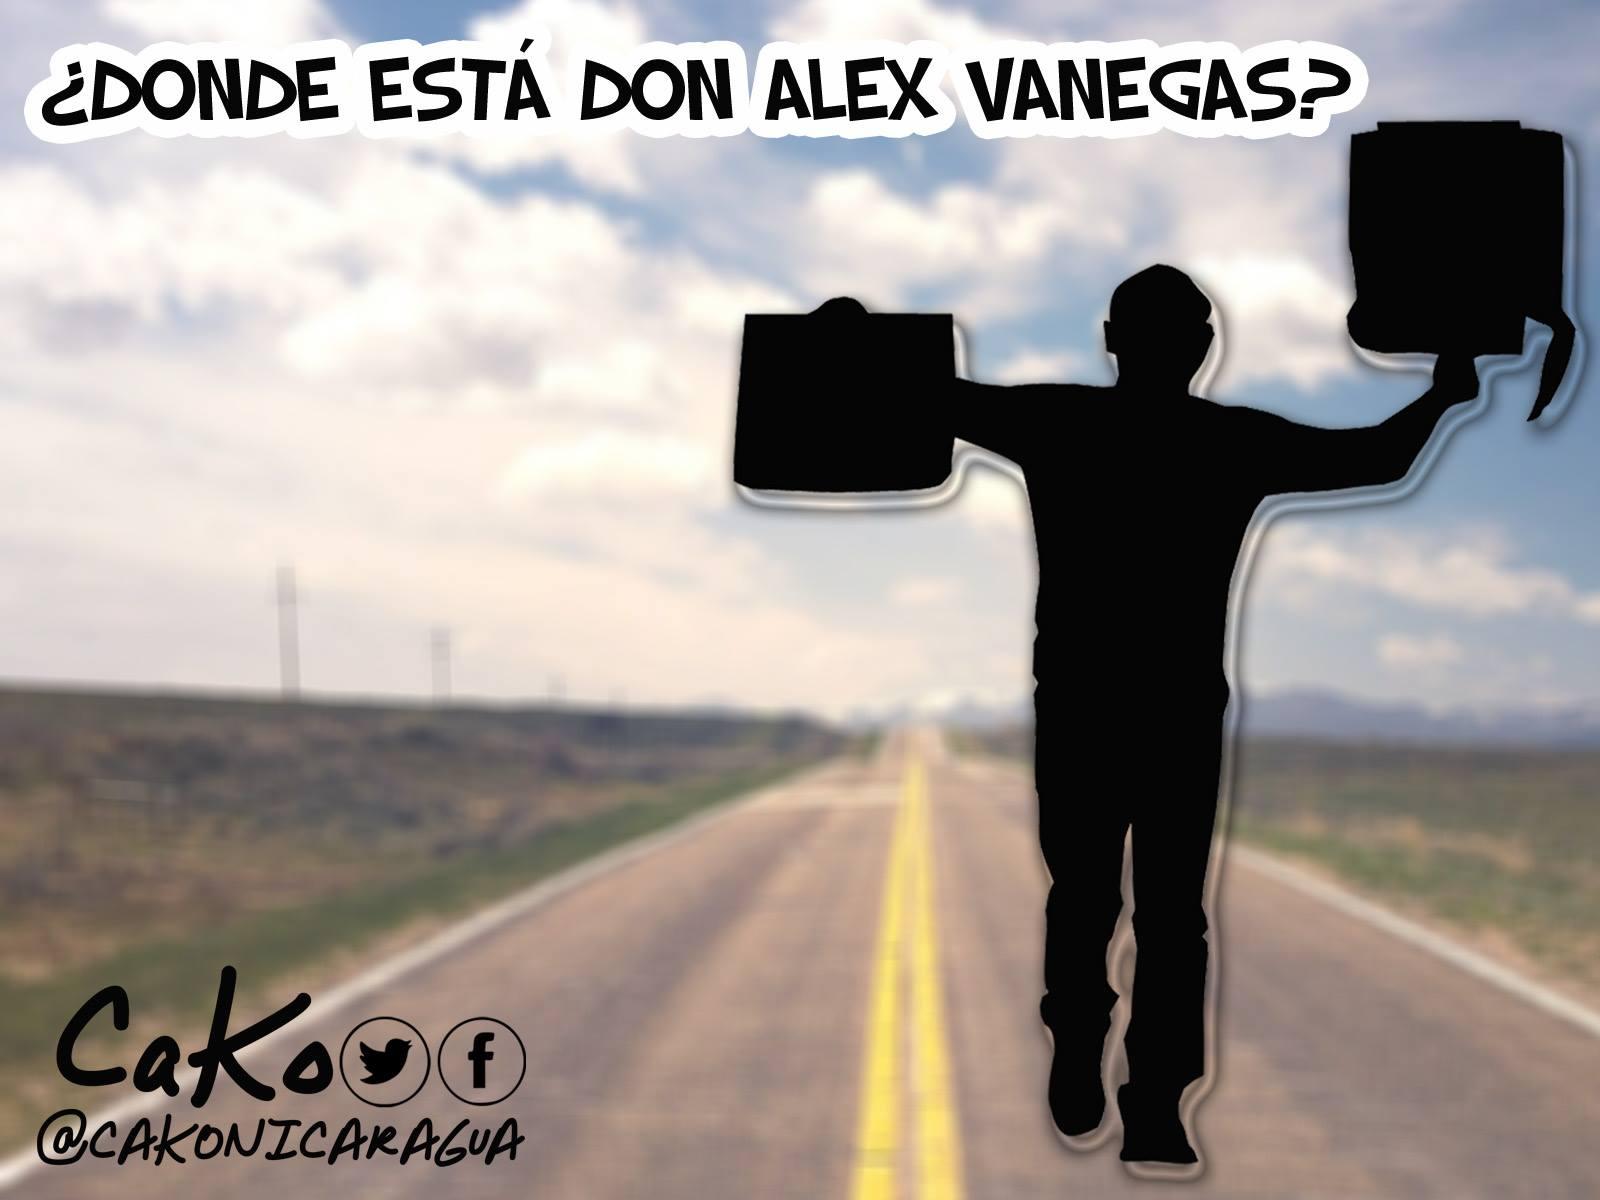 La Caricatura: ¿Dónde está don Alex Vanegas?